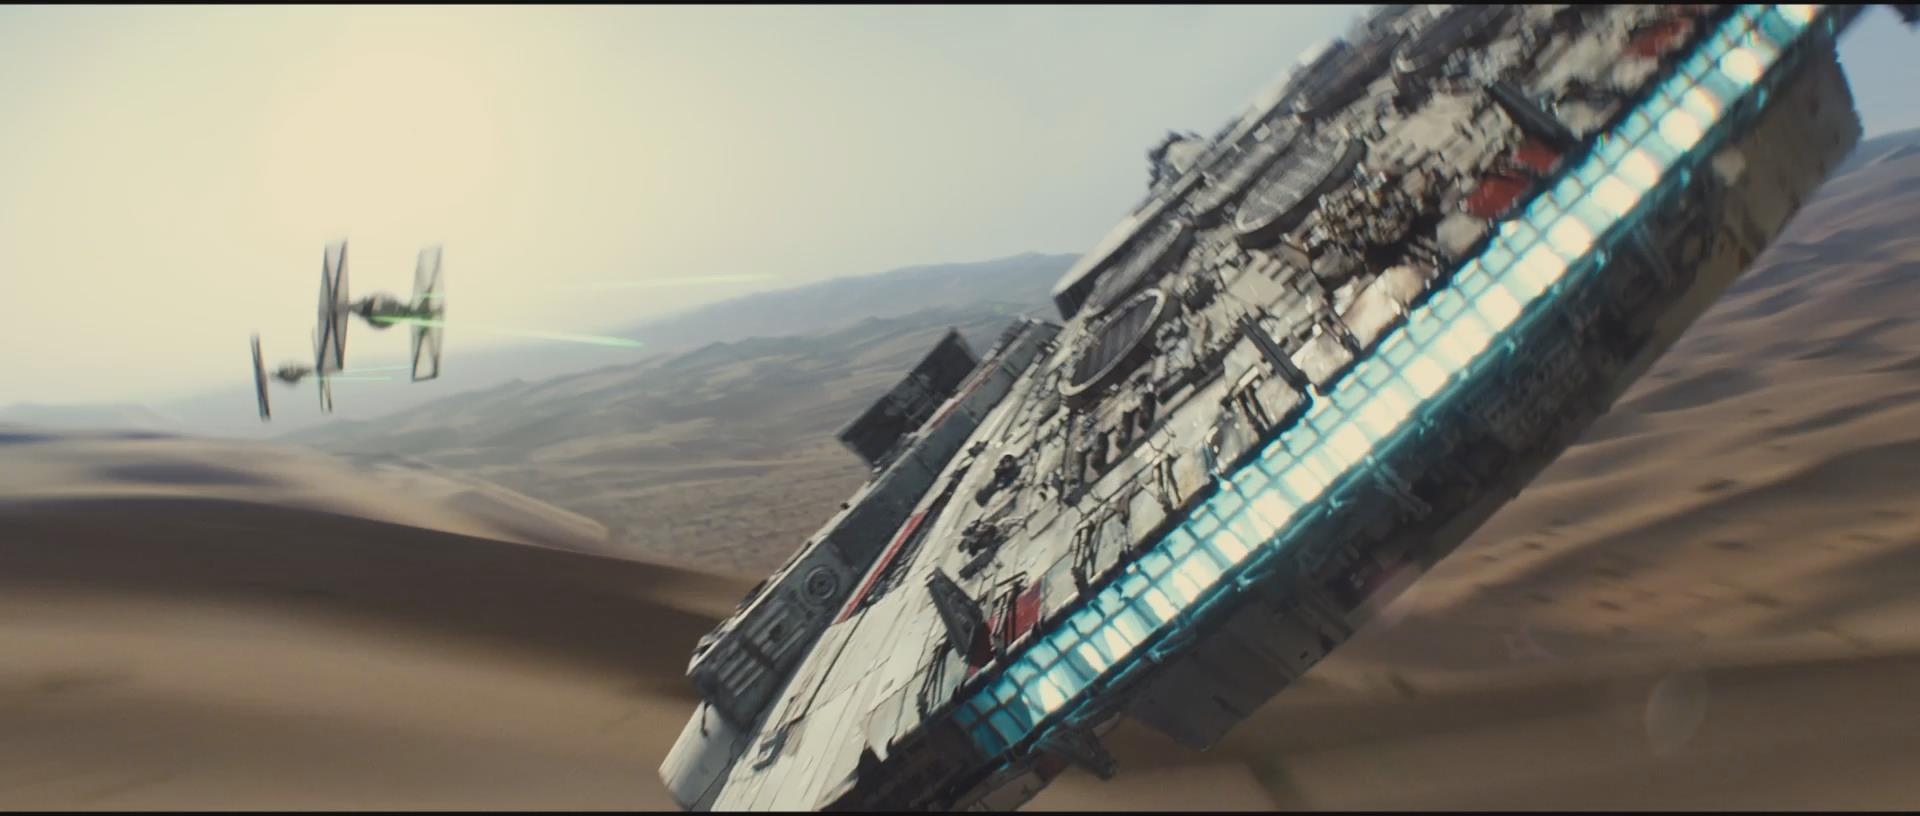 Star Wars – Millennium Falcon vs. TIE Fighters